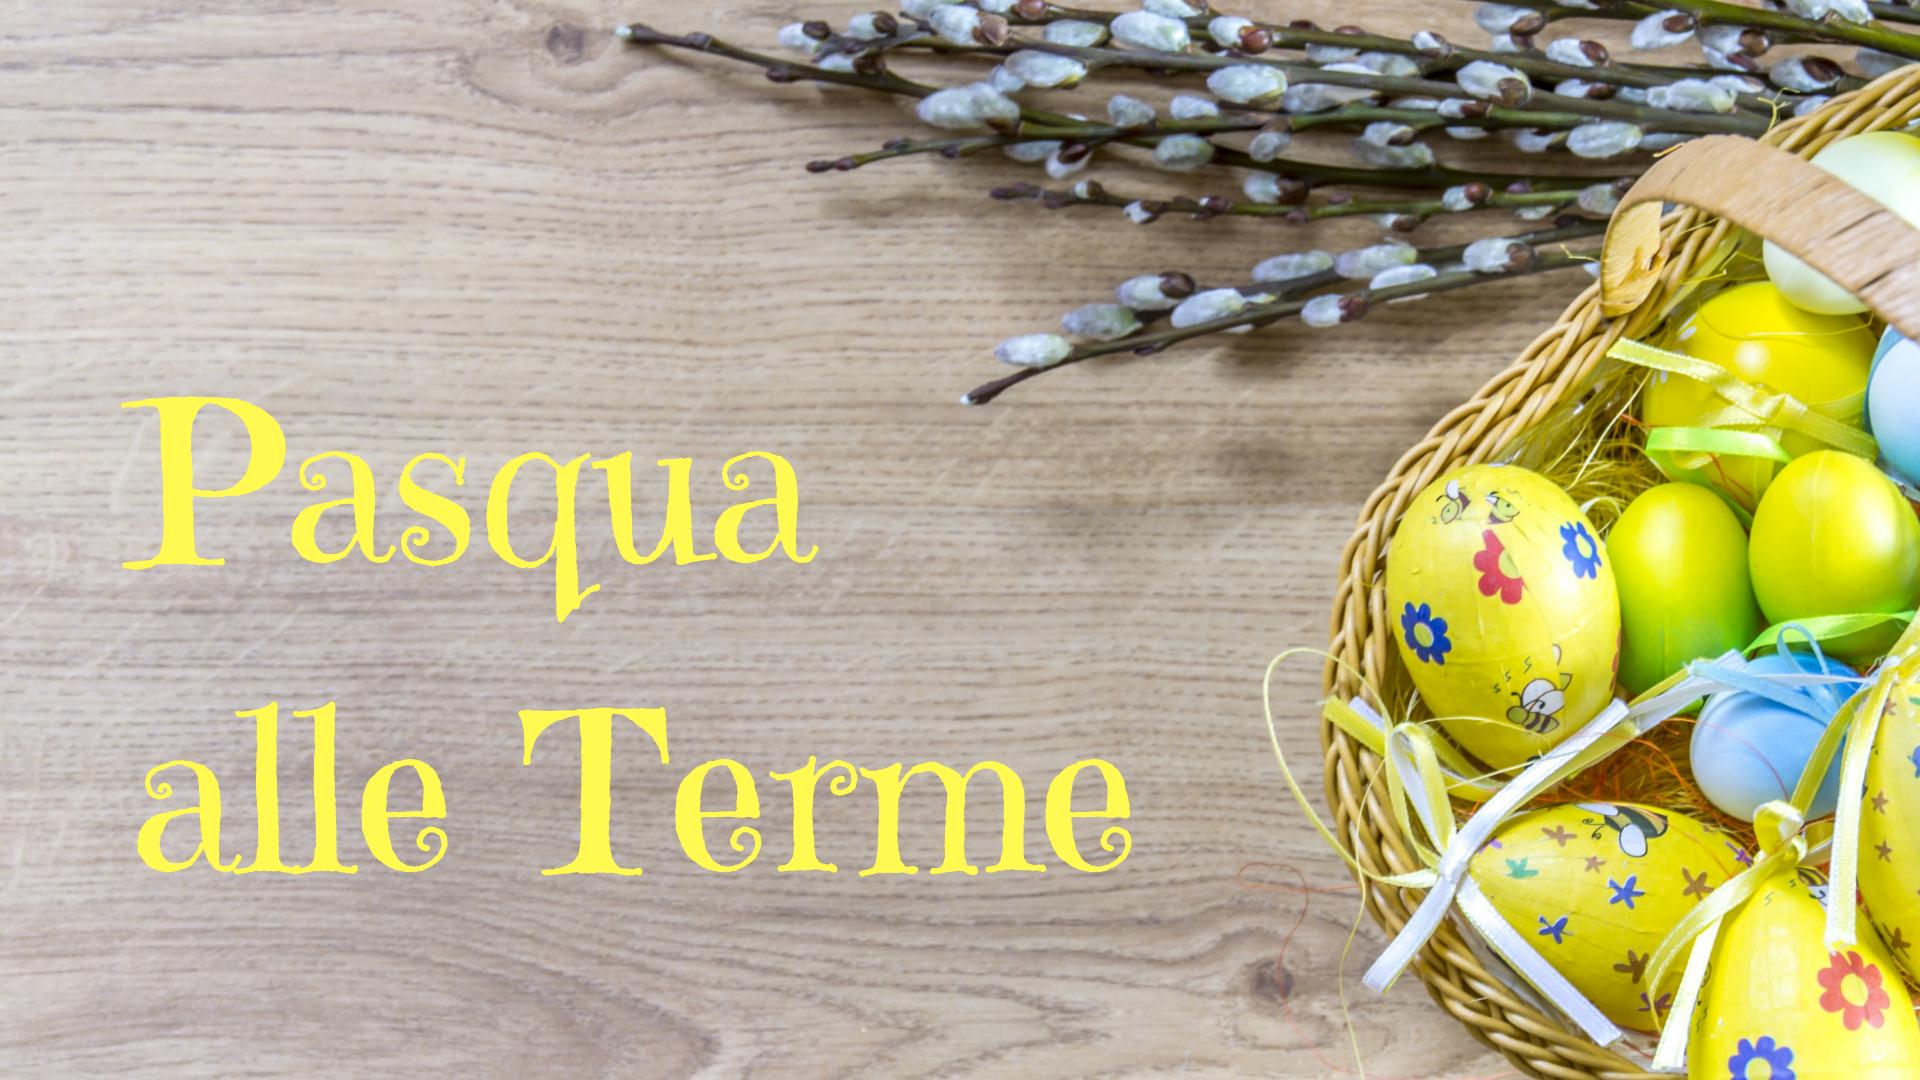 Pasqua alle Terme di Tabiano